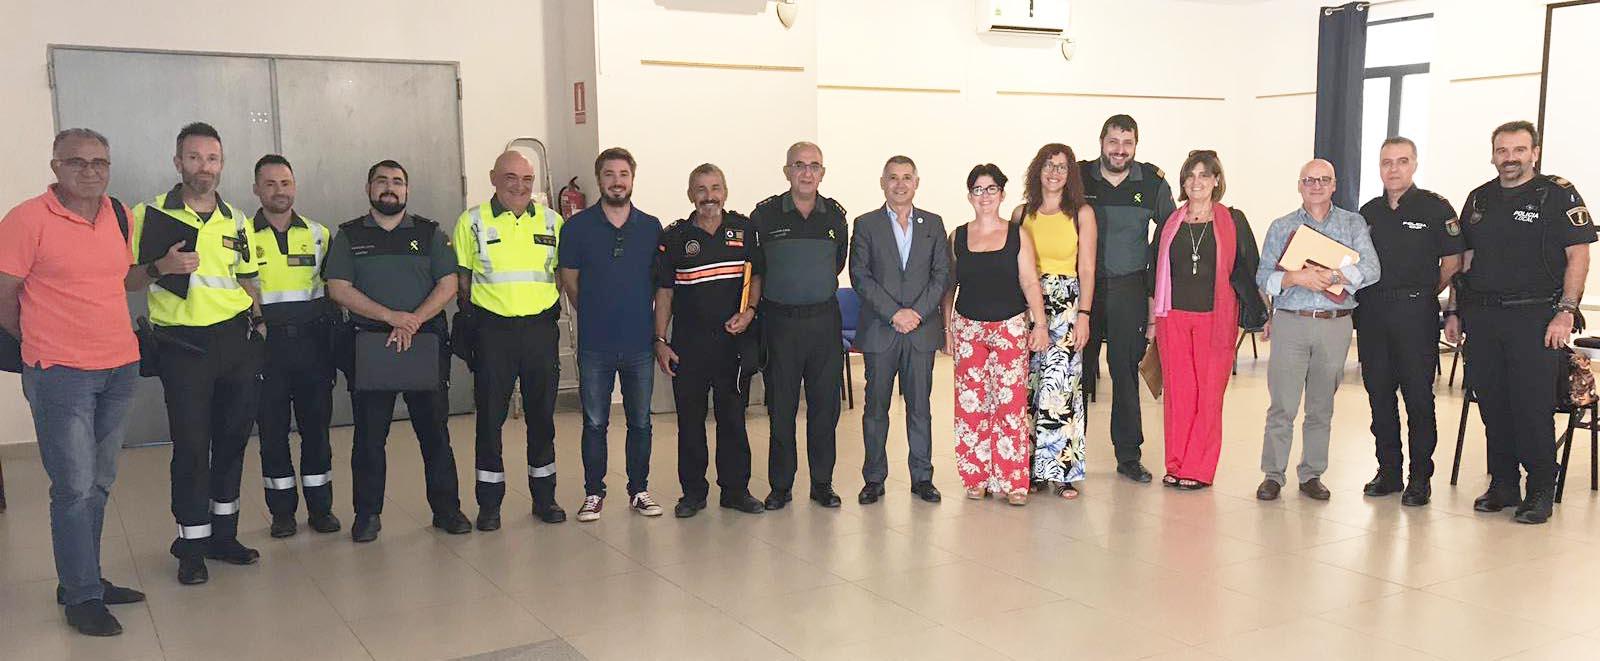 Buñol celebra la Junta de Seguridad de cara a La Tomatina 2019